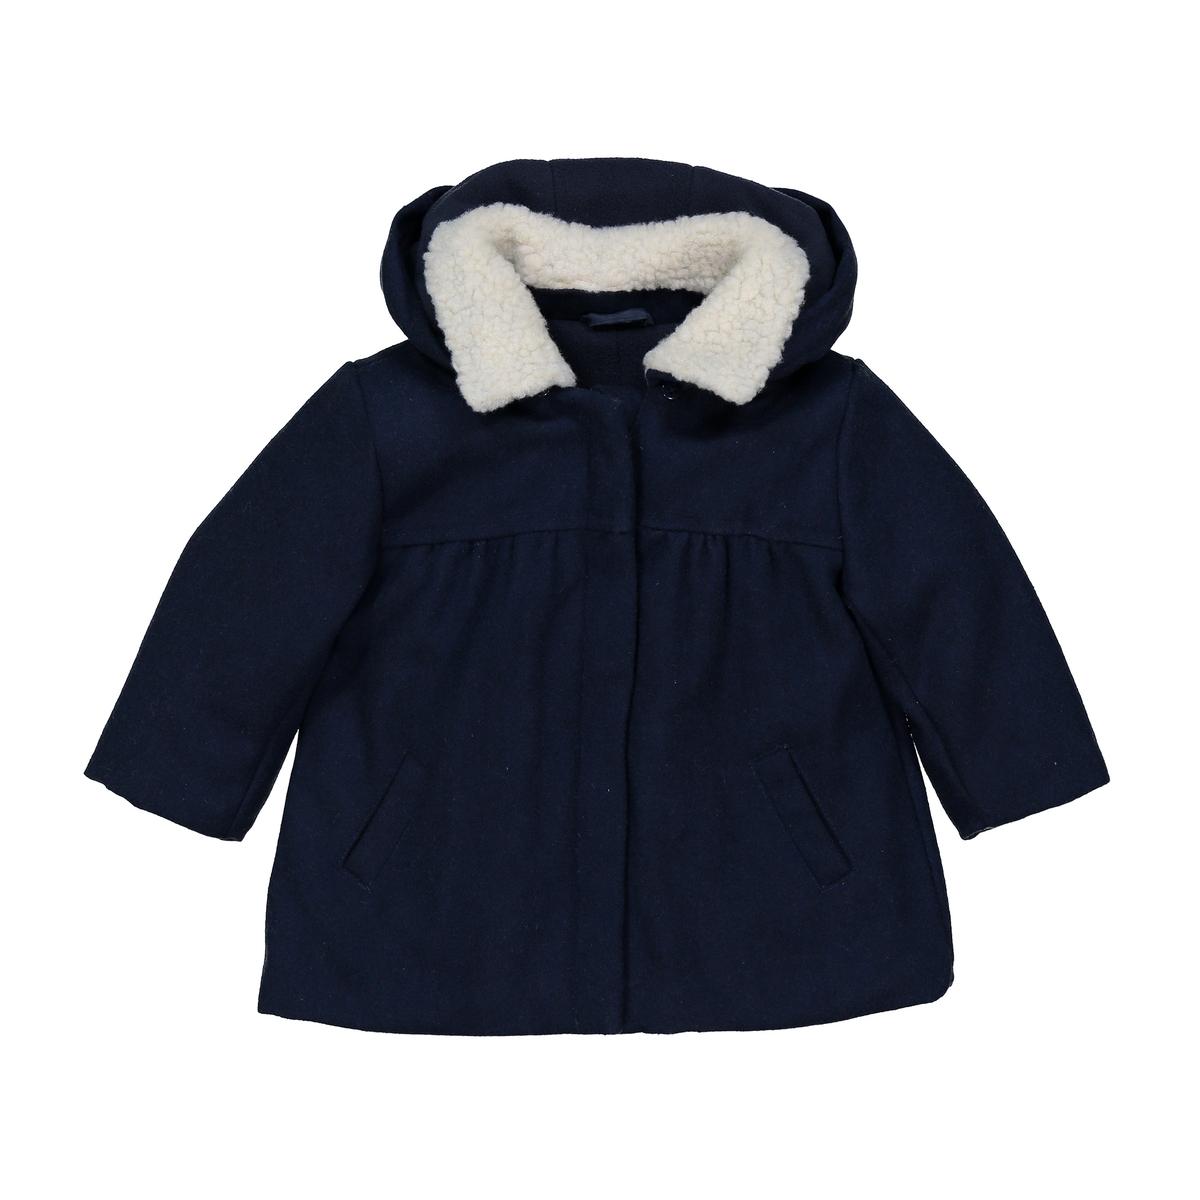 Пальто из шерстяного драпа с капюшоном 3 мес- 3 лет пальто с эффектом шерстяного драпа